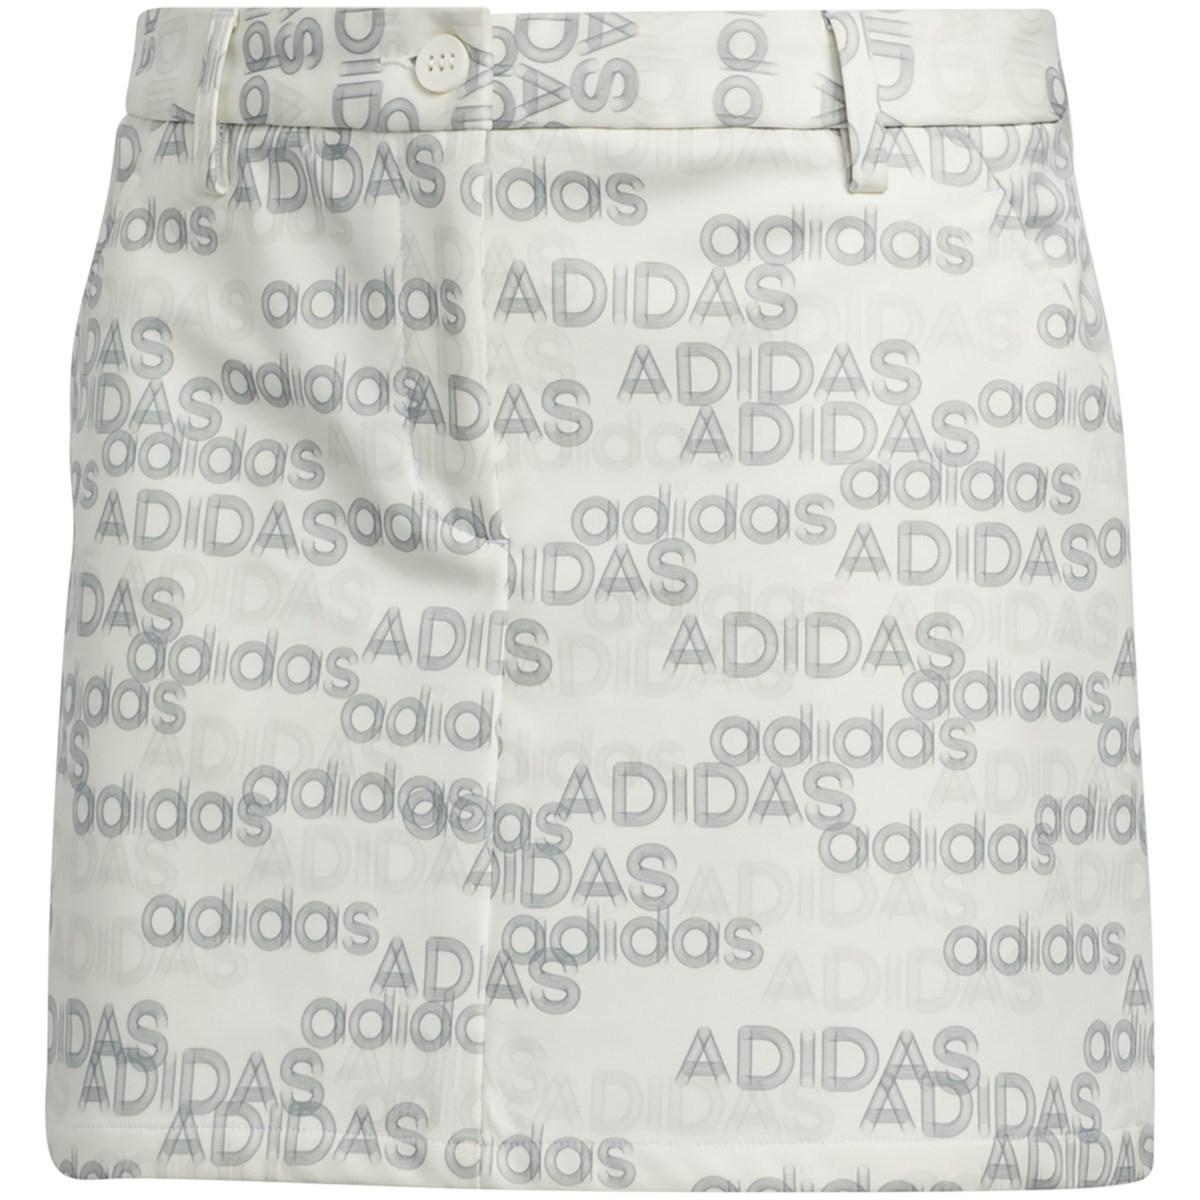 アディダス(adidas) グラフィック ストレッチボンディングスコートレディス